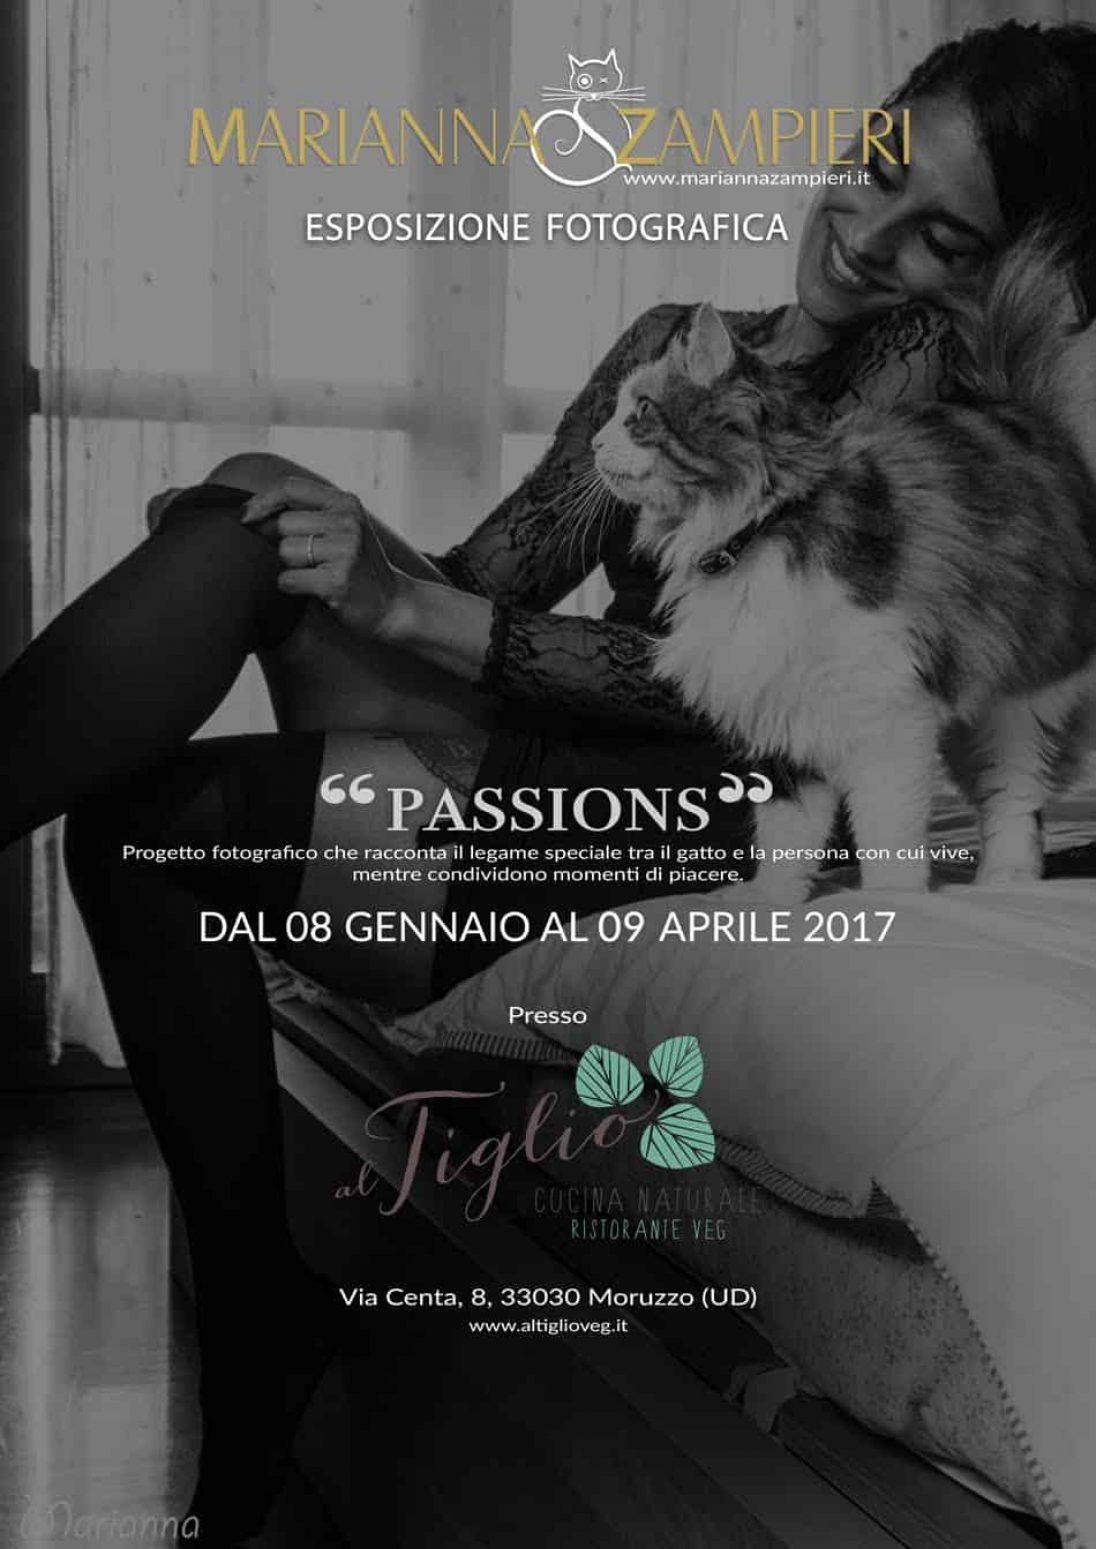 eventi - Esposizione fotografica del progetto 'Passions' presso il ristorante Al Tiglio (Moruzzo-UD)